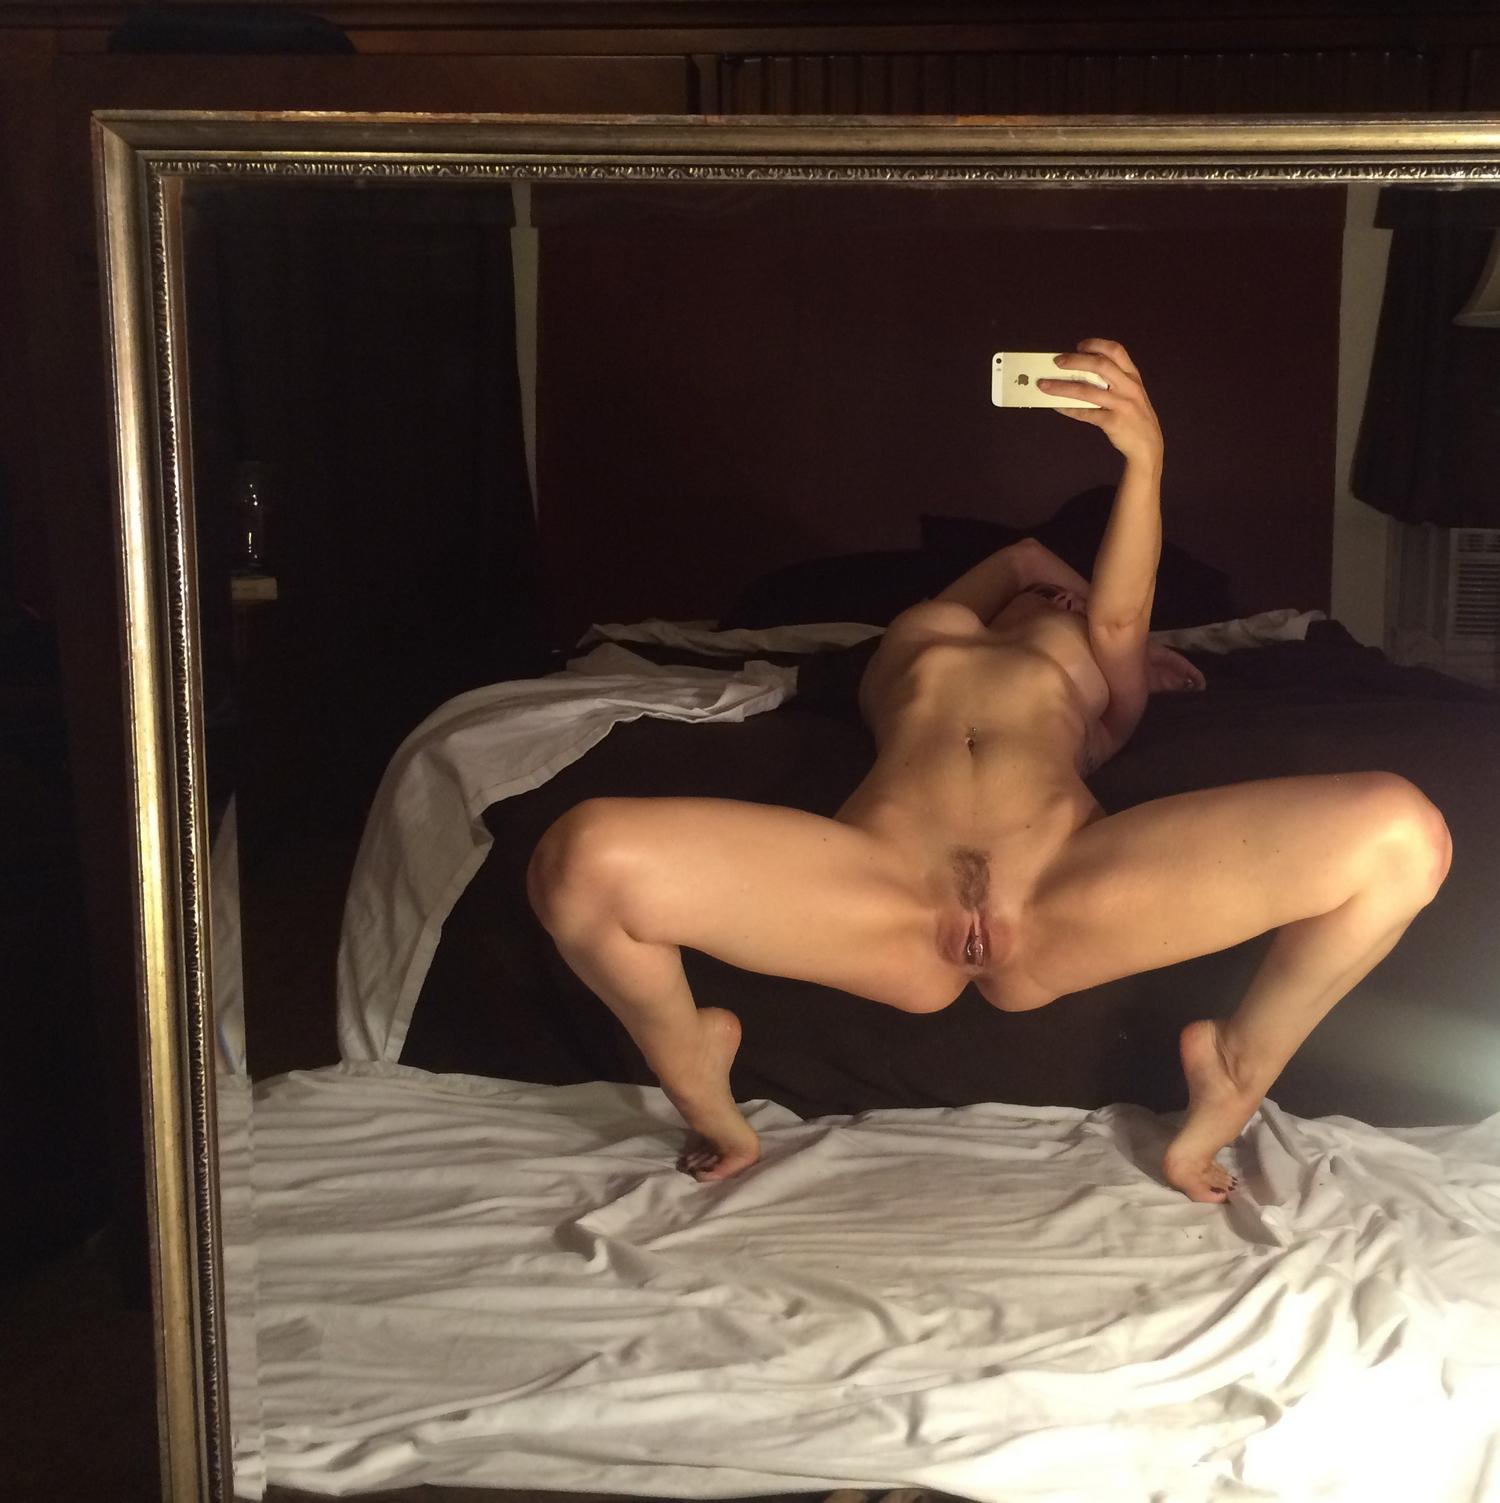 Облитая маслом спортсменка селфится на диване 14 фото